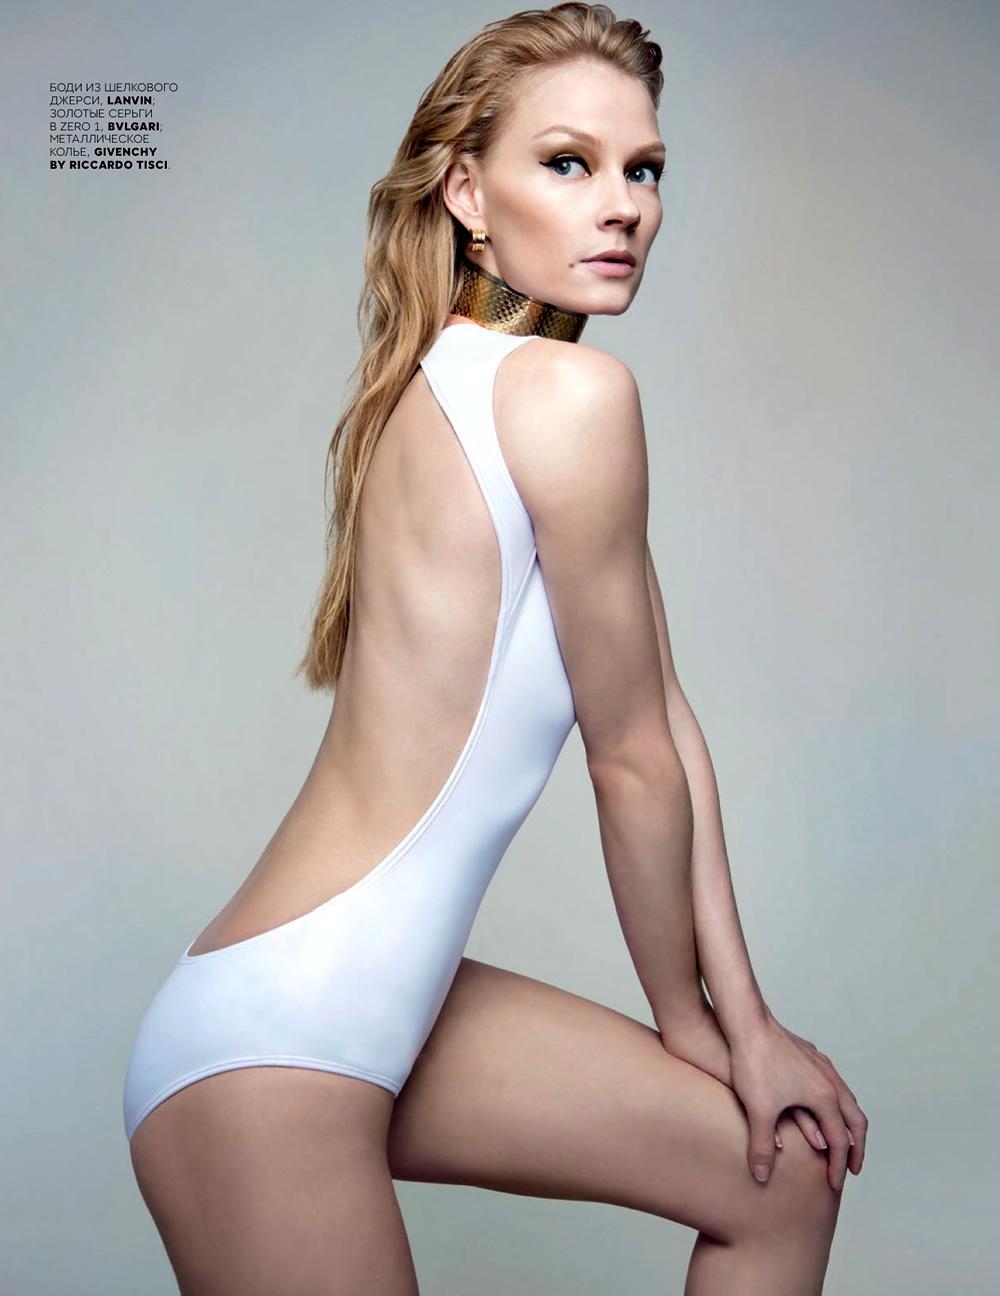 Svetlana Khodchenkova By Danil Golovkin For Vogue Russia